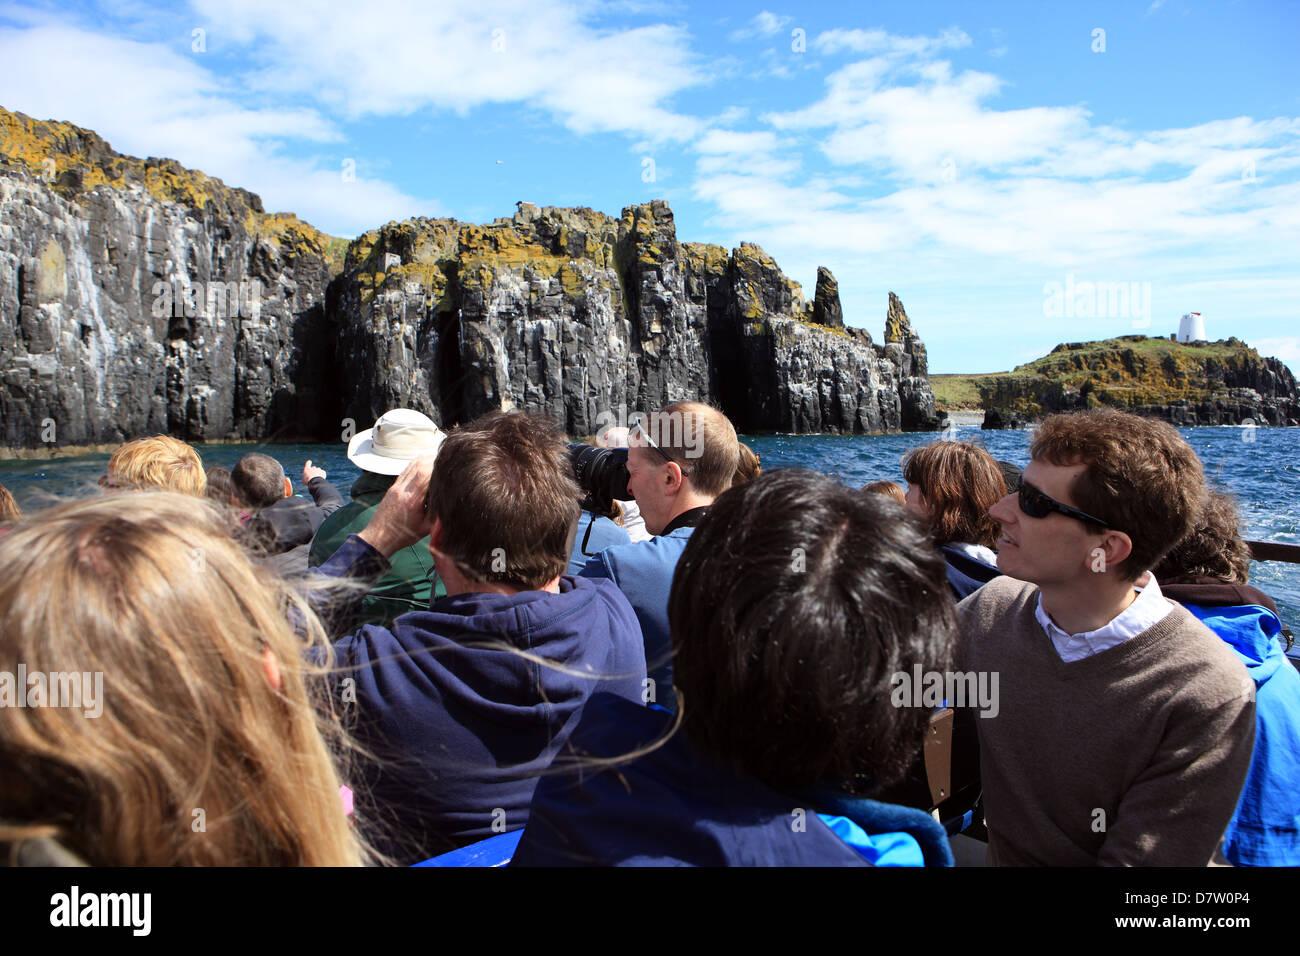 Los turistas en un viaje en barco mirando a los pájaros en los acantilados de la isla de mayo en el Firth of Imagen De Stock